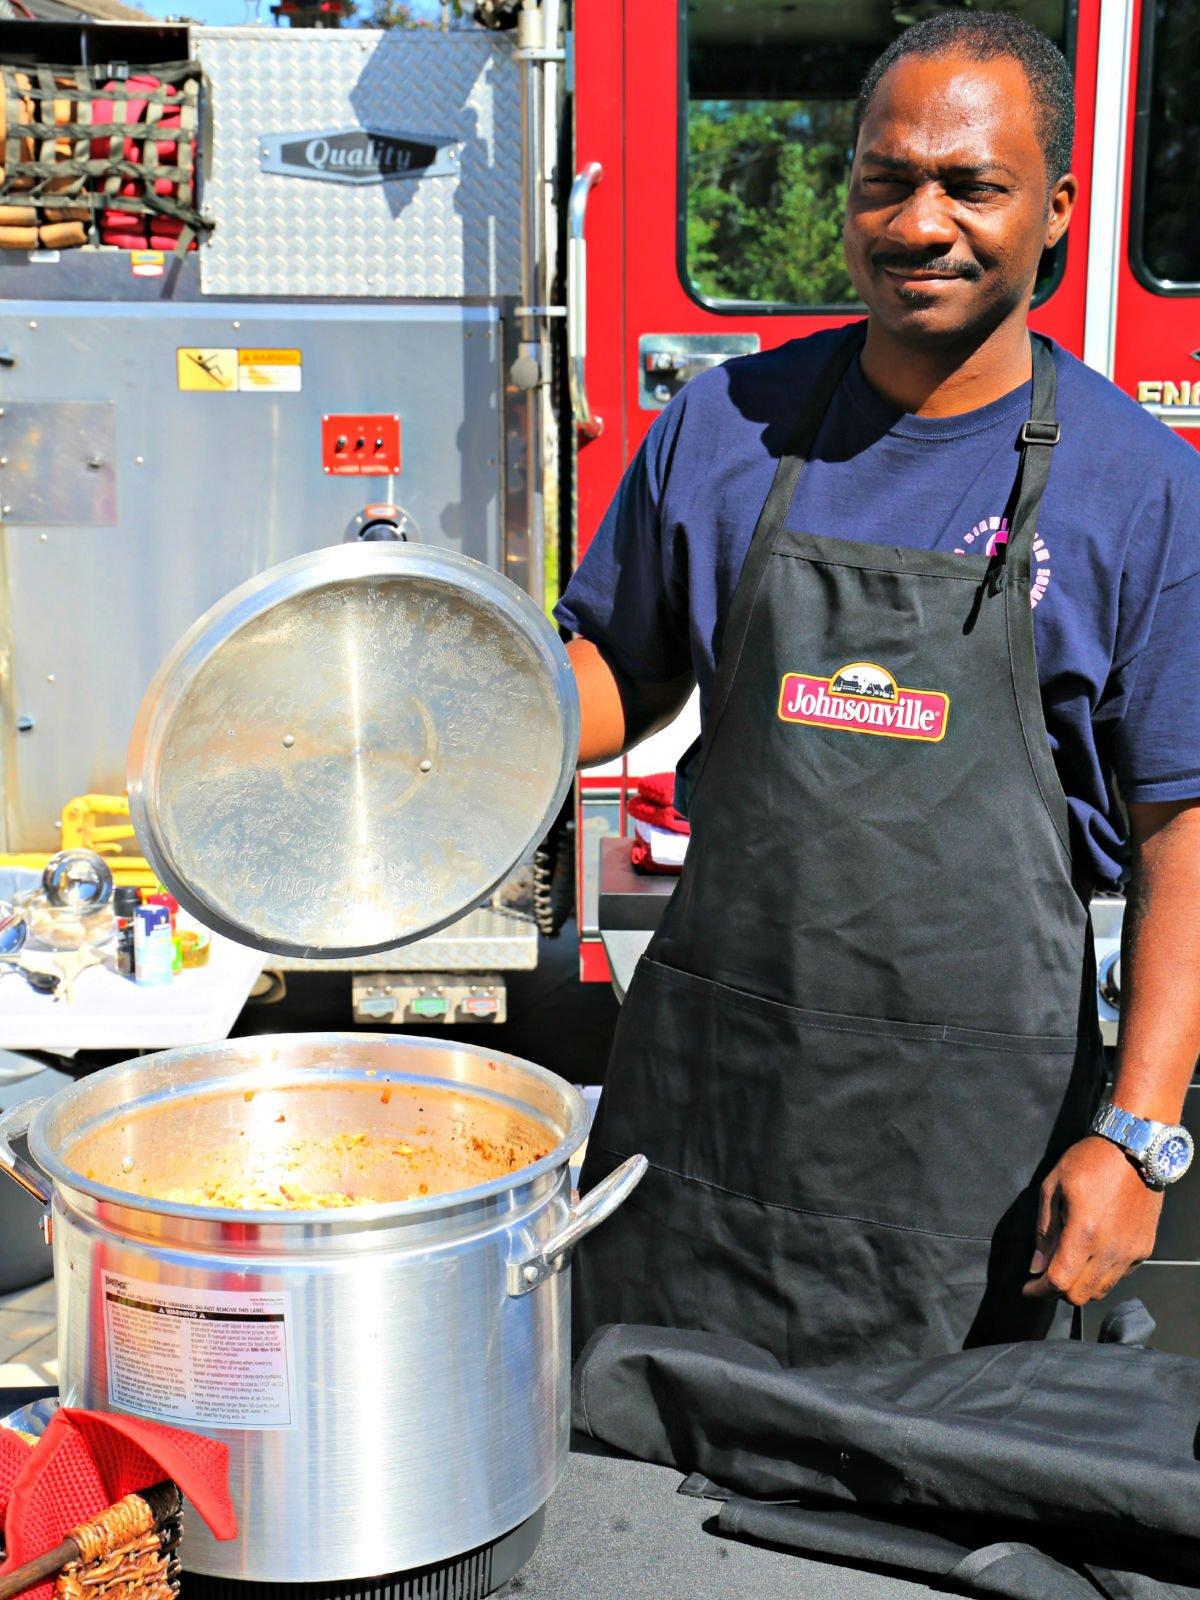 Fireman holding a lid to a stew pot.